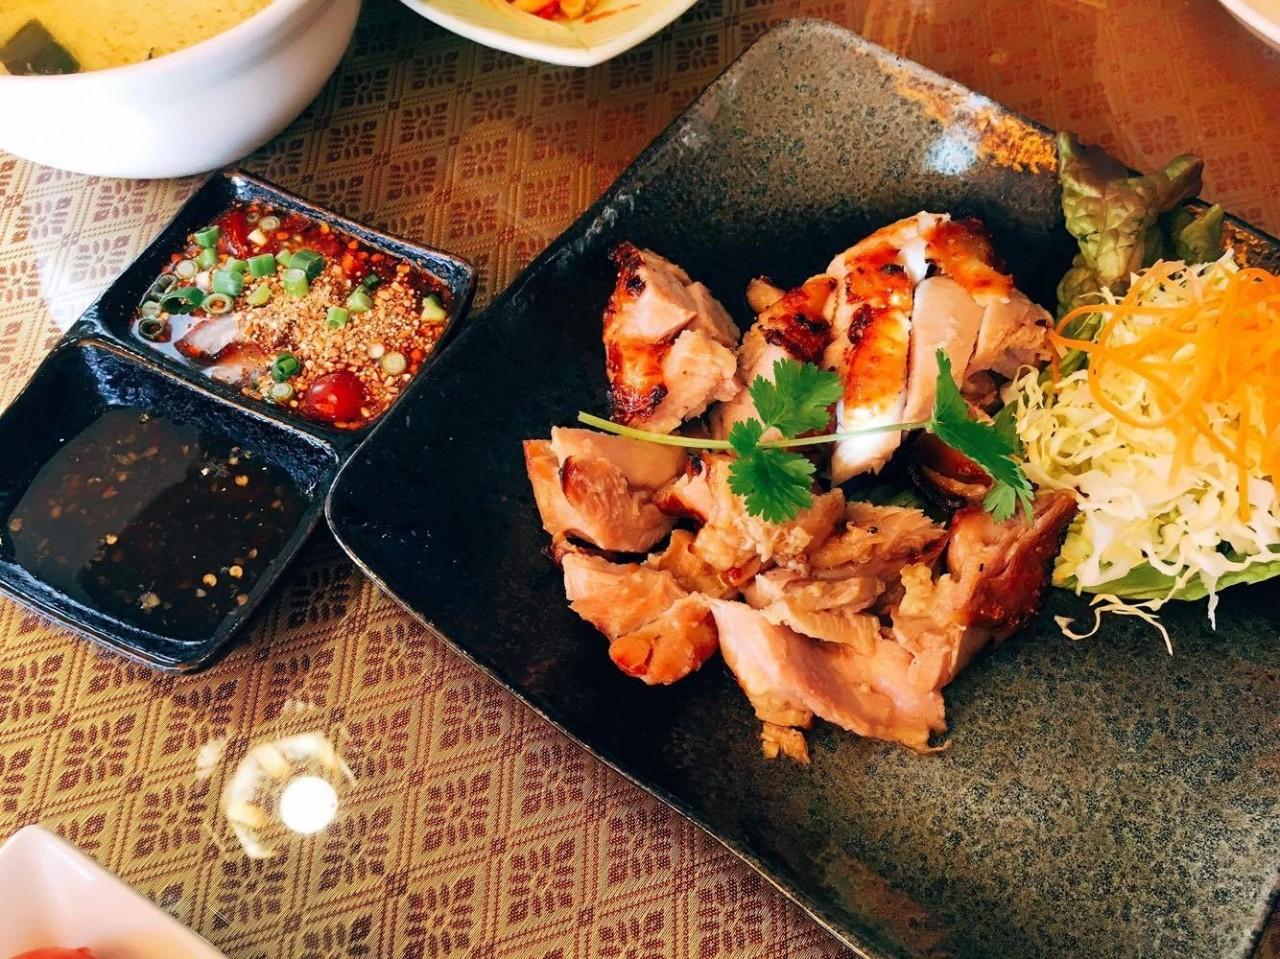 พฤติกรรมฮาๆ เมื่อพาเพื่อนญี่ปุ่นไปกินอาหารไทย